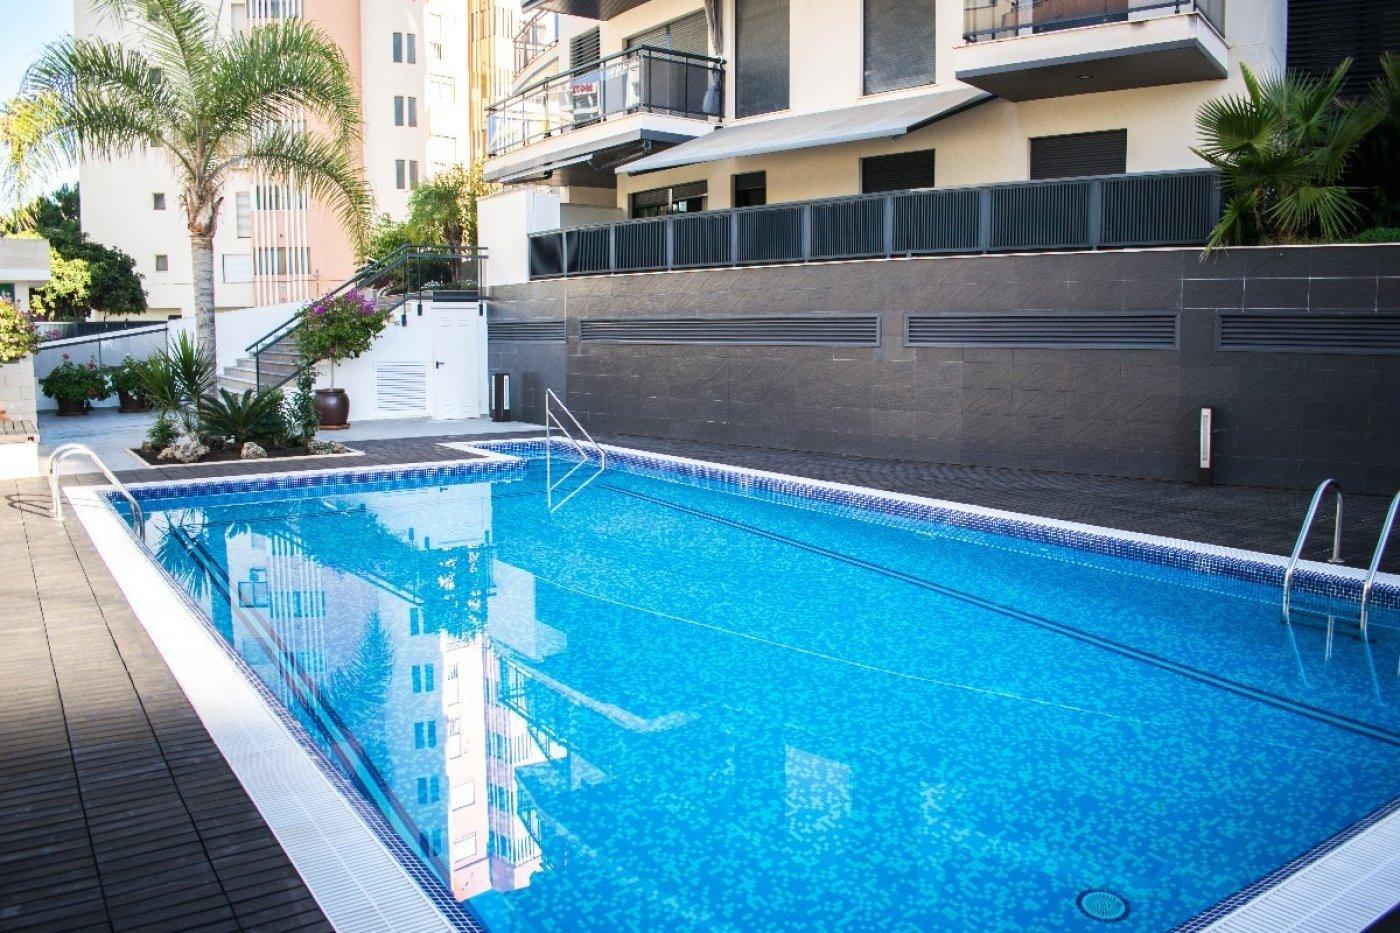 Apartamento en playa de gandia con piscina comunitaria y garaje incluido - imagenInmueble29